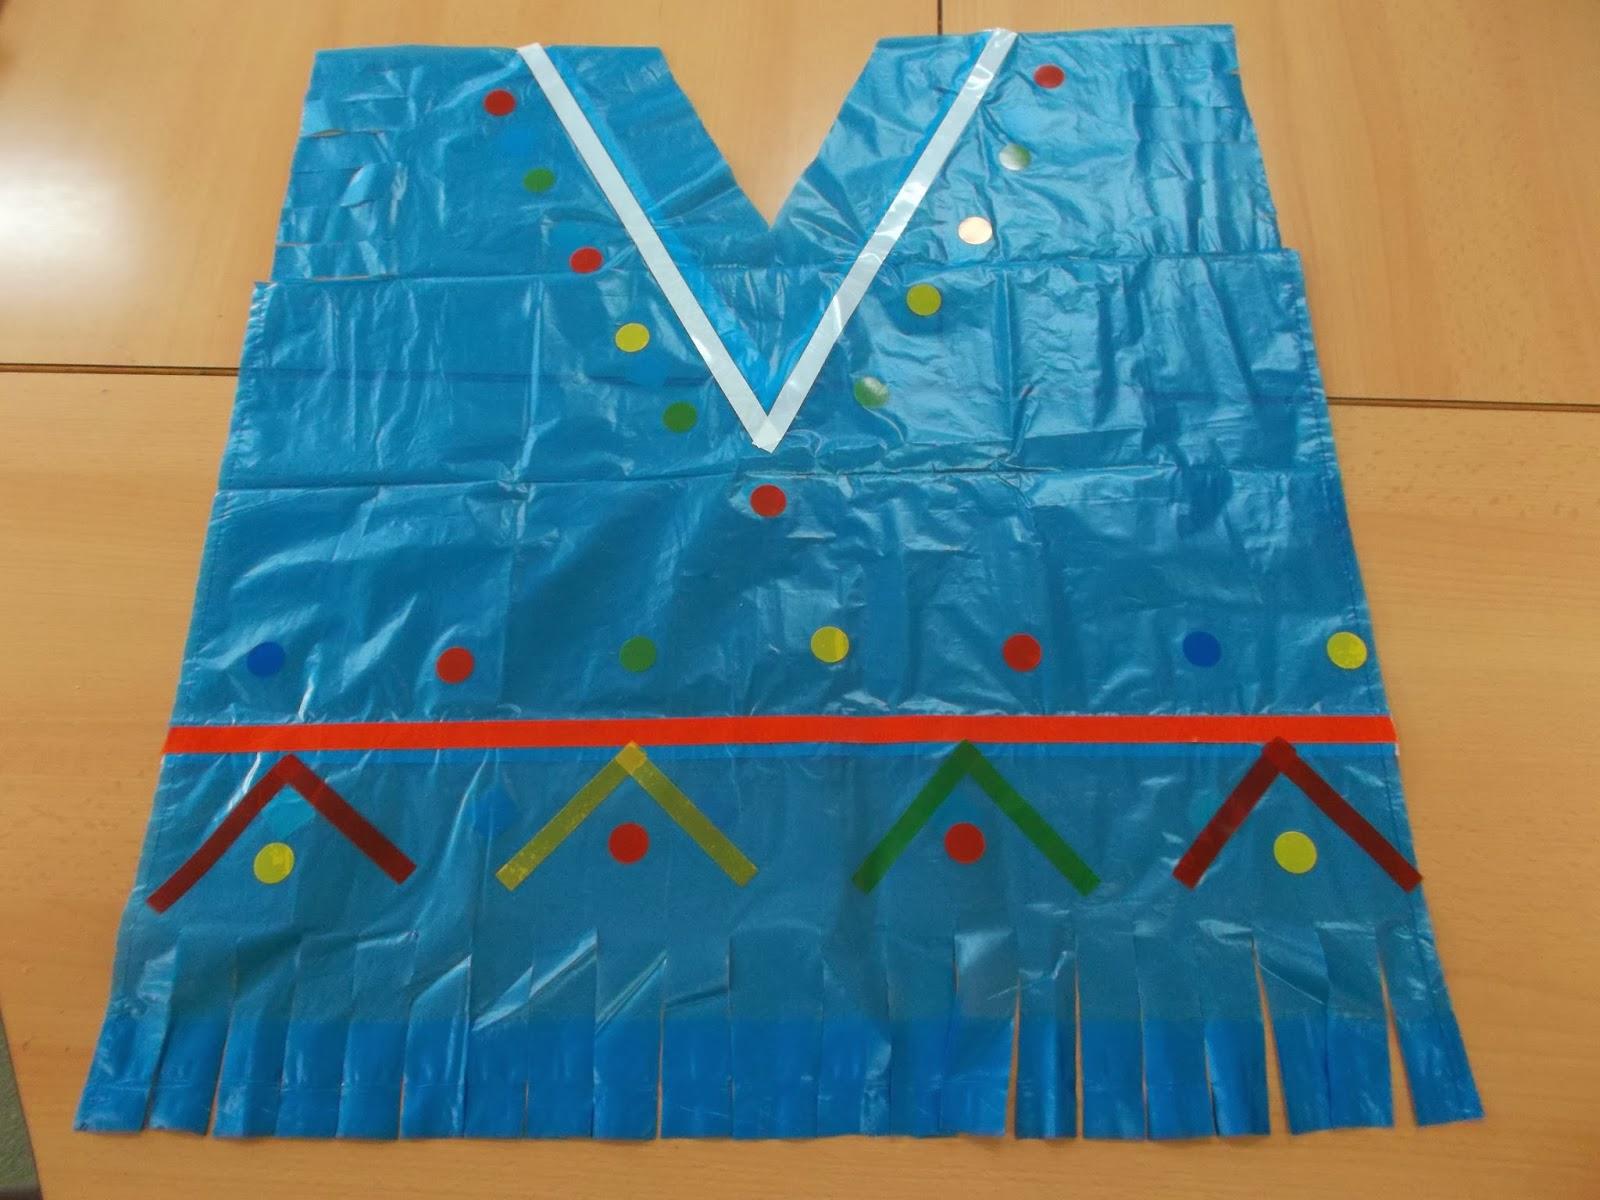 Disfraz escolar de indio con bolsa de basura for Como pegar plastico